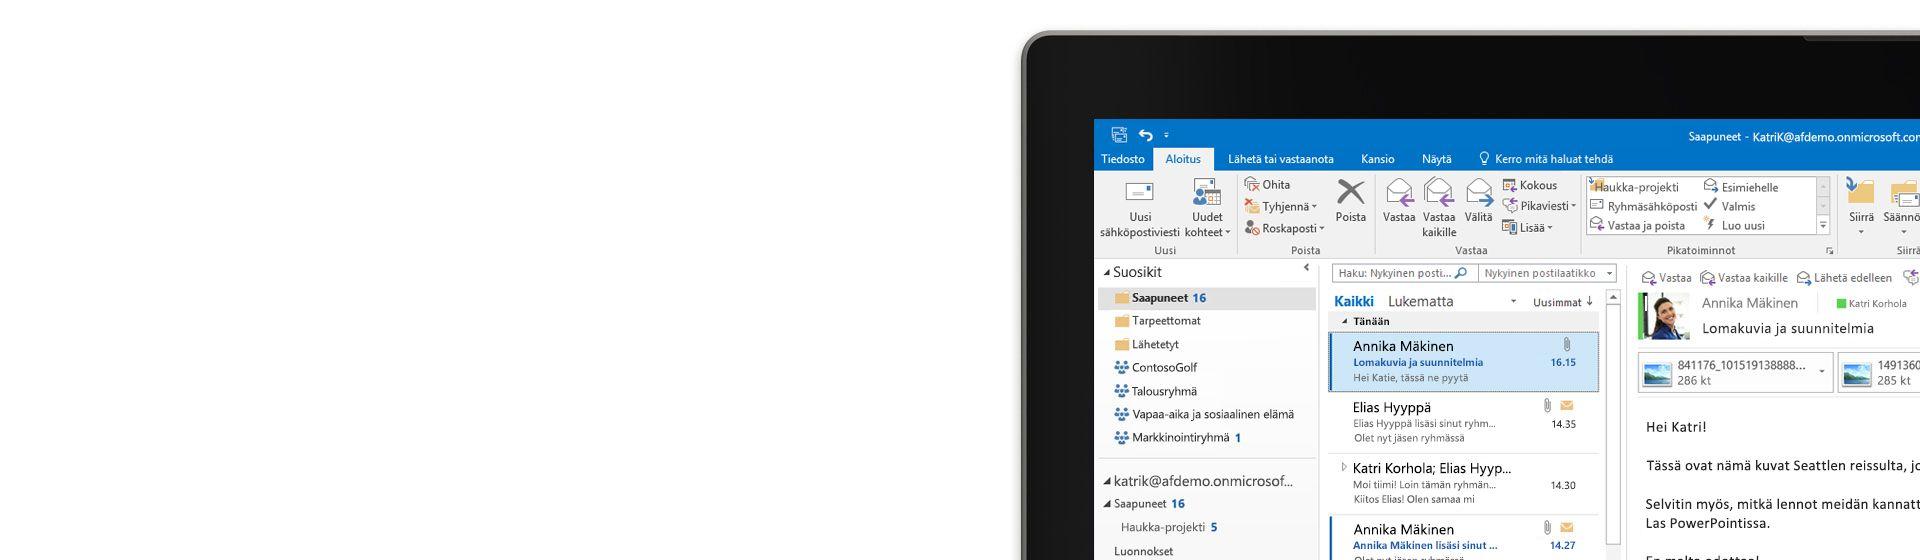 Kulma tietokoneen näytöstä, jolla näkyy Outlookin sähköpostilaatikko